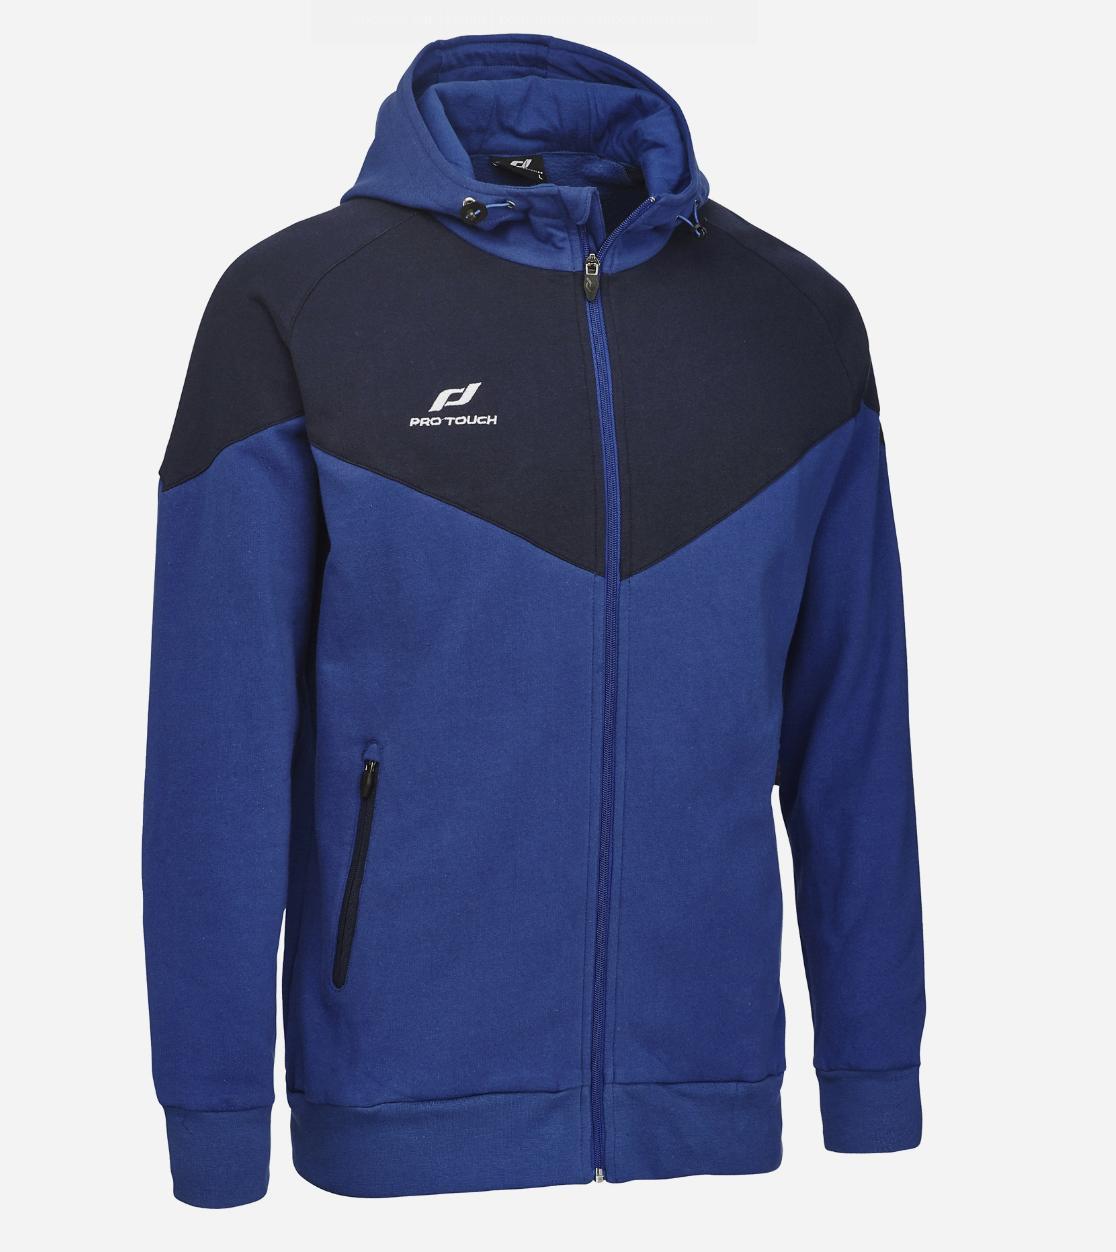 Sélection de vestes et sweats de sport en promotion - Ex: Veste d'entraînement football zippée à capuche Protouch homme Core